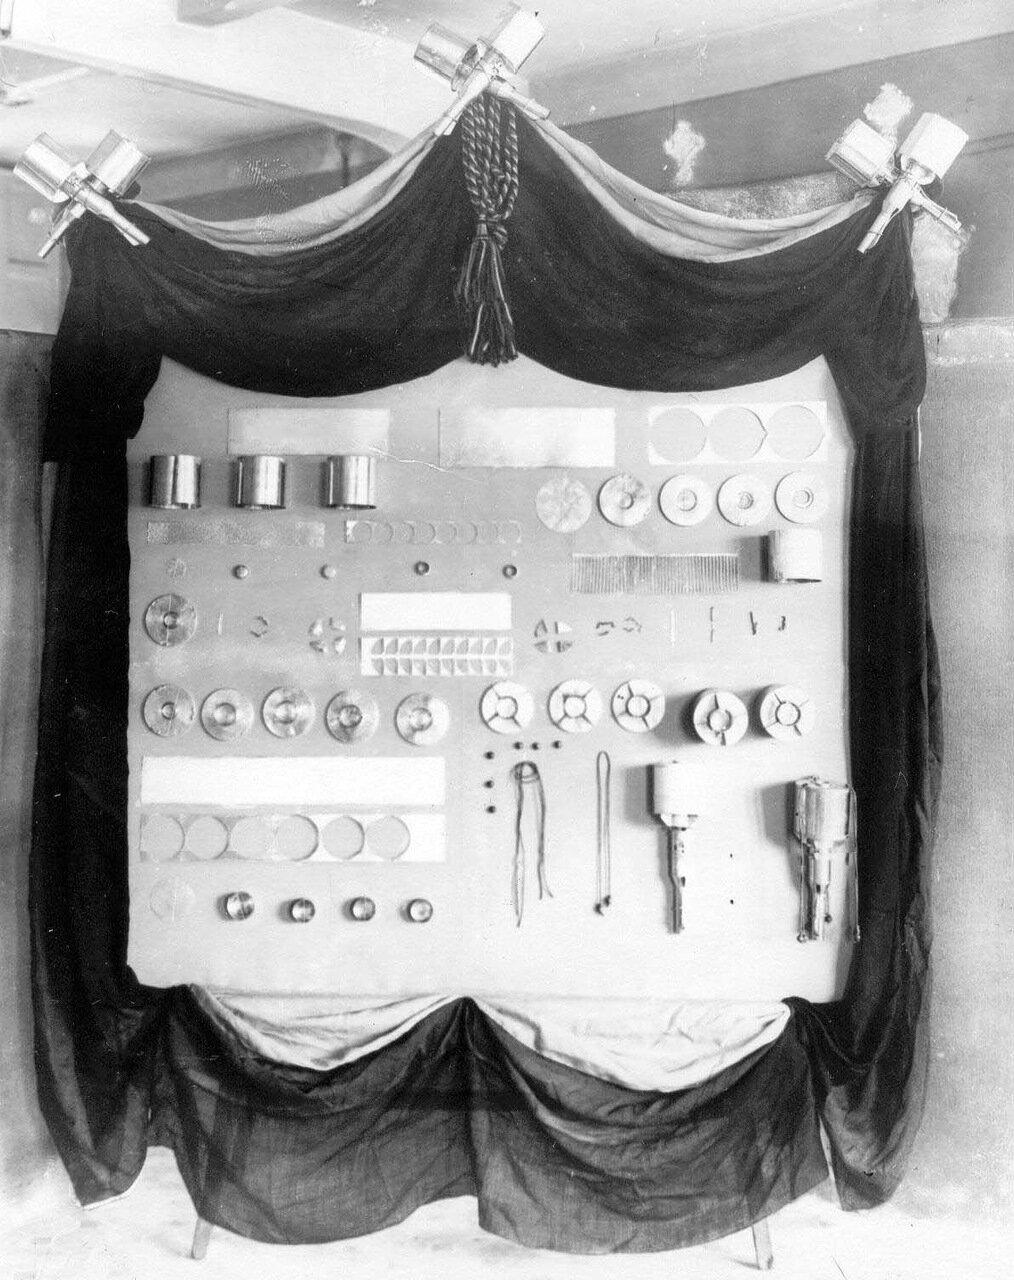 16. Образцы ручных гранат, изготовленных на фабрике. 1916